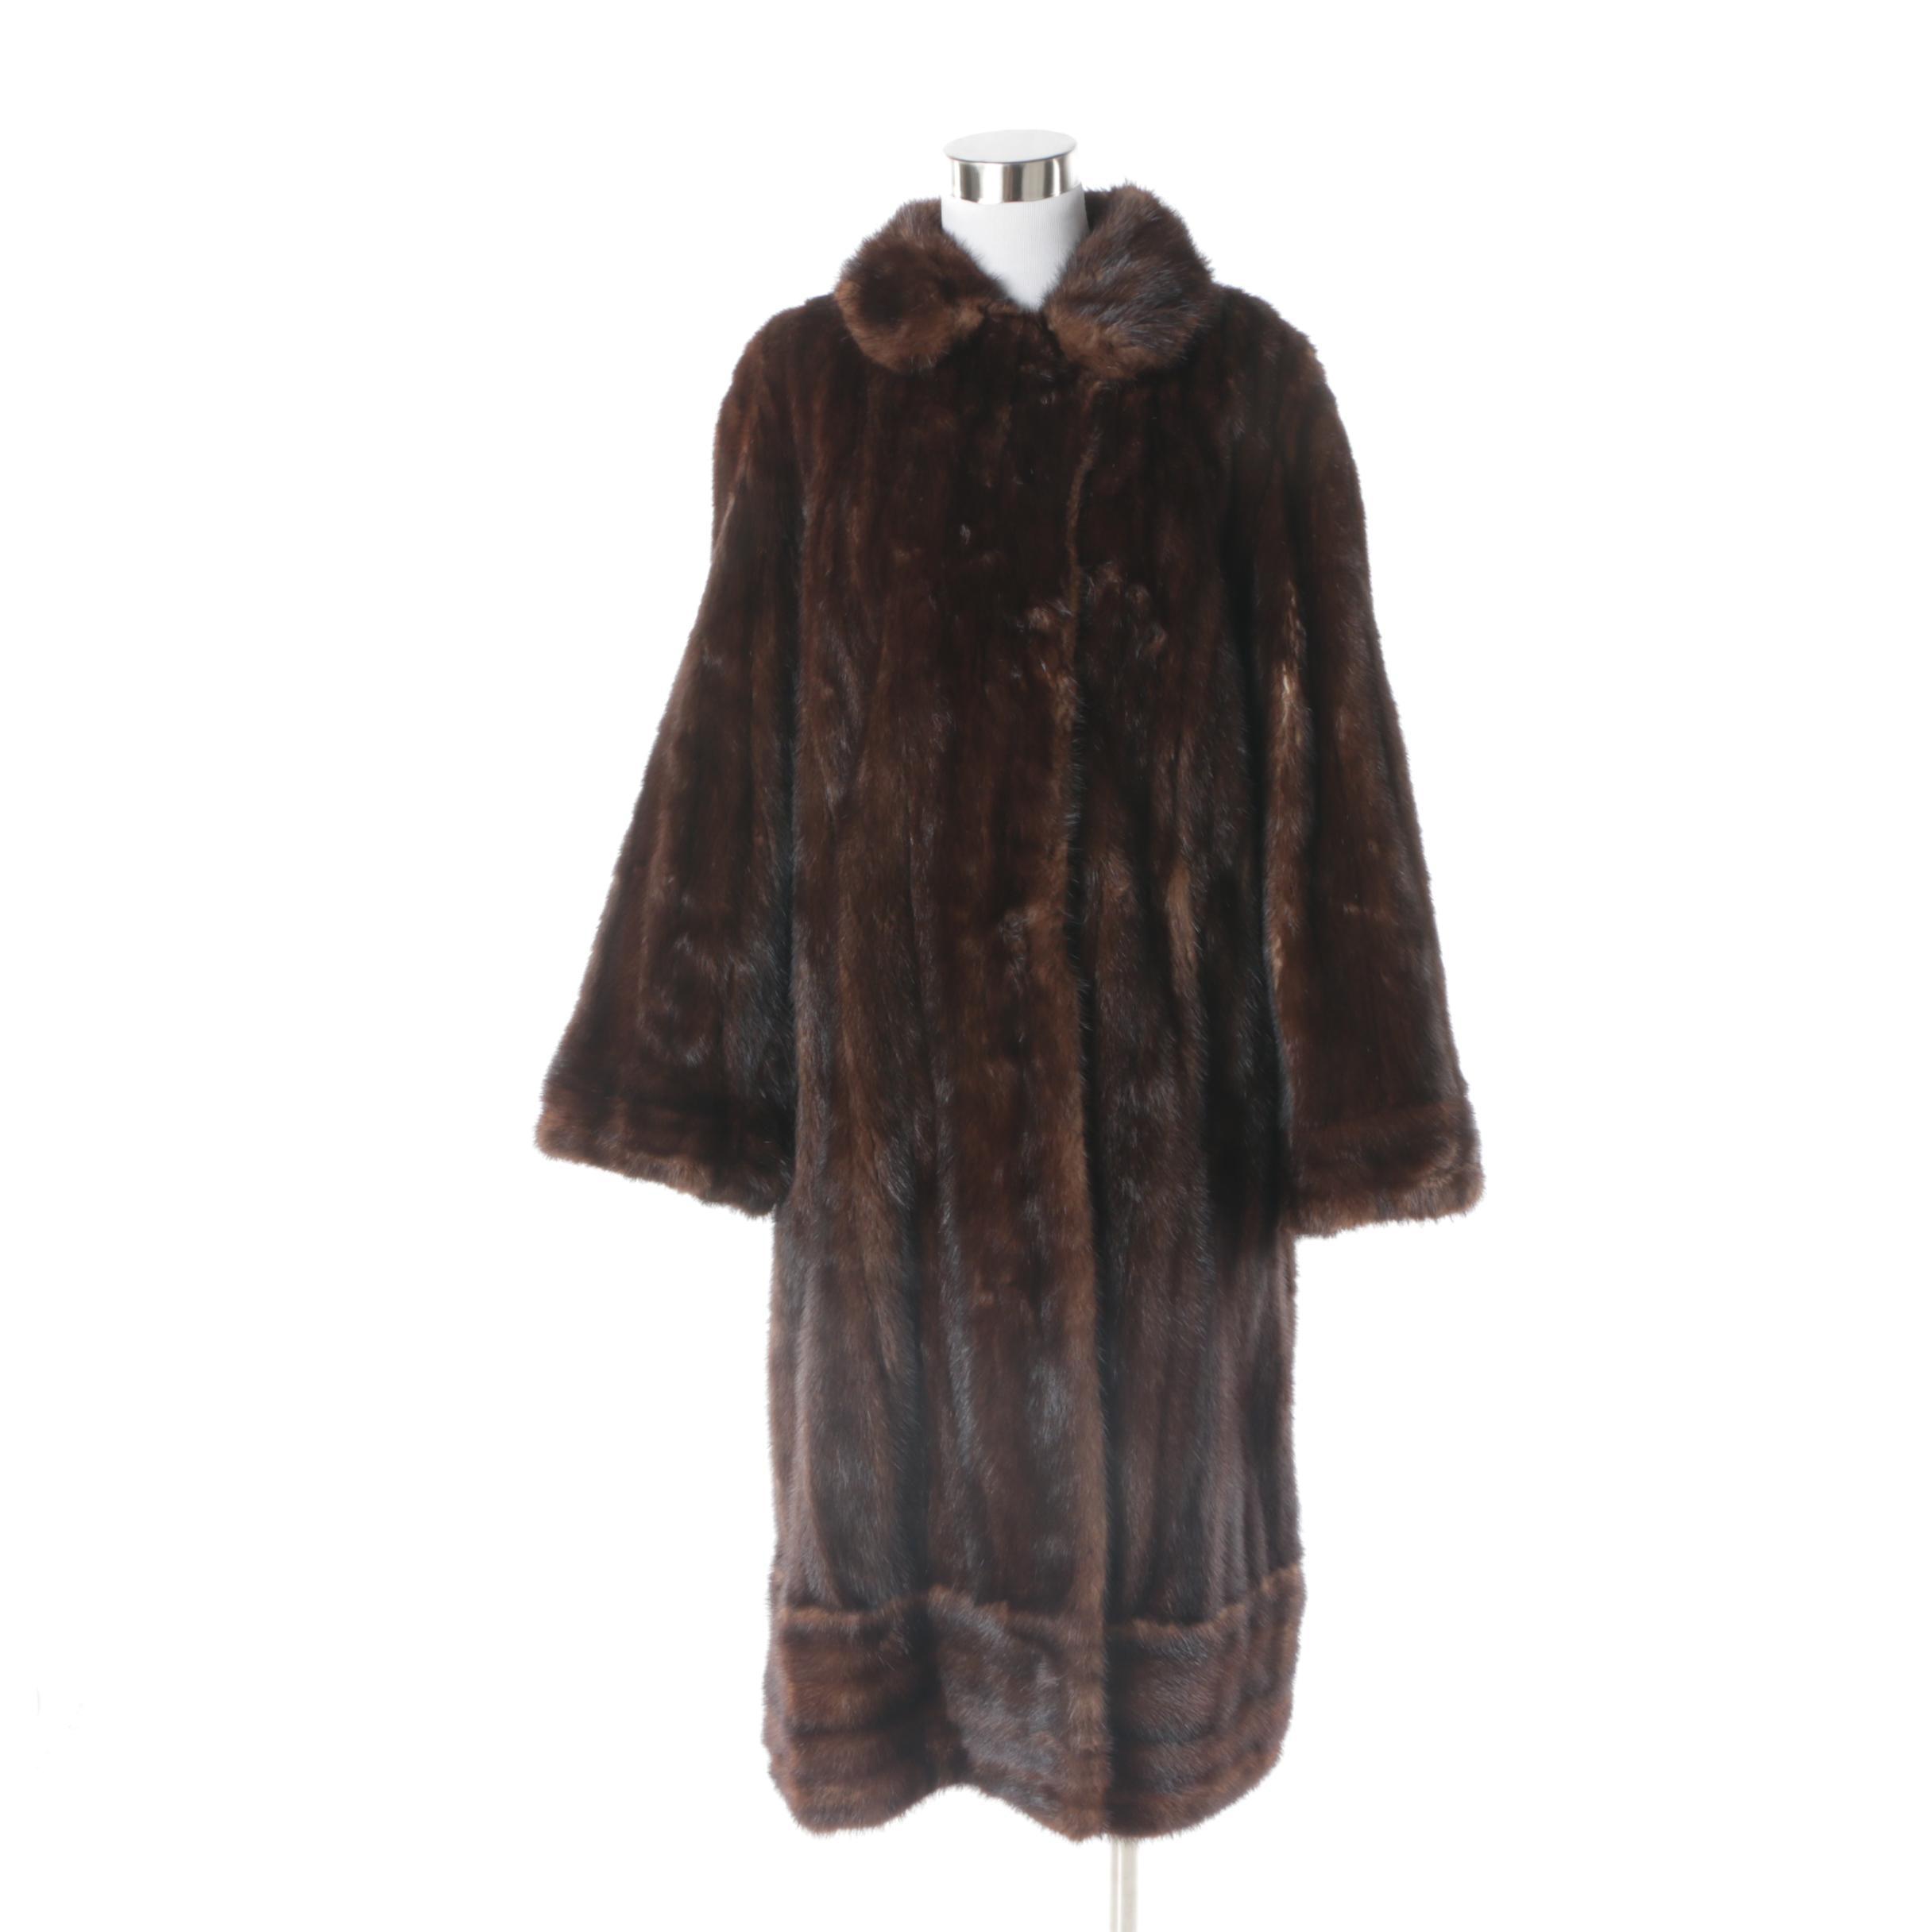 Women's Vintage Dark Brown Mink Fur Coat